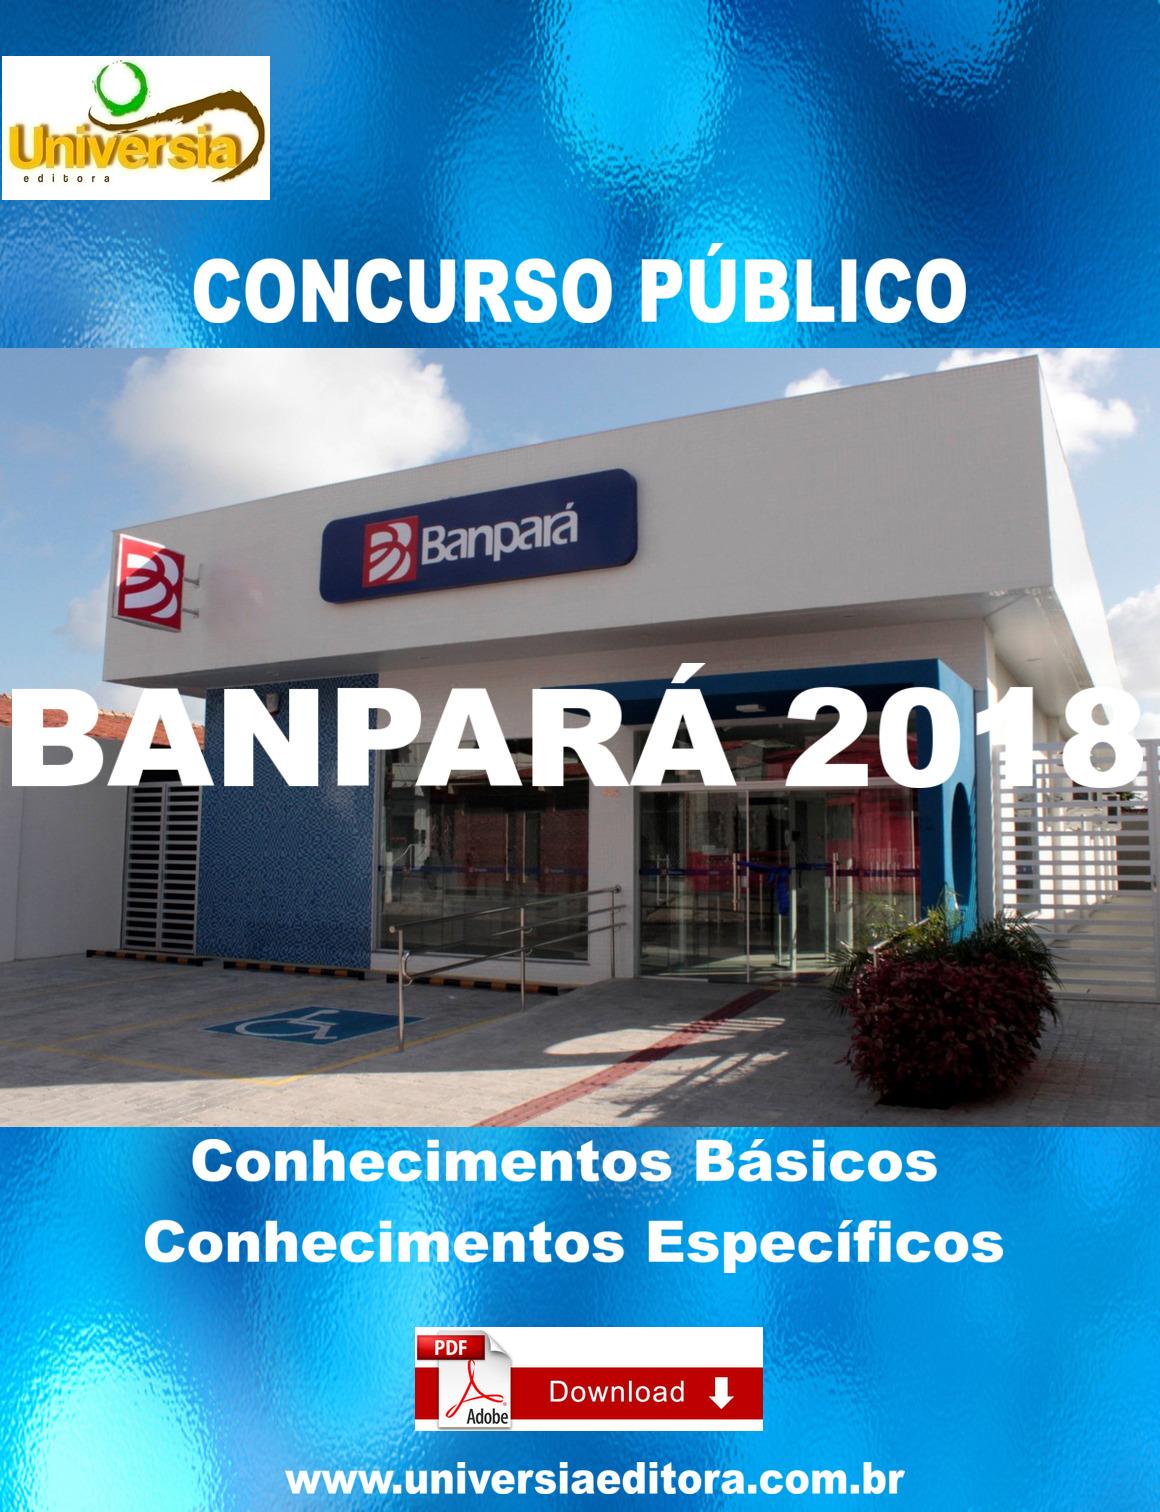 65b624e9c http://universiaeditora.com.br/apostila-banpara-2018-tecnico-bancario -video-aulas.html